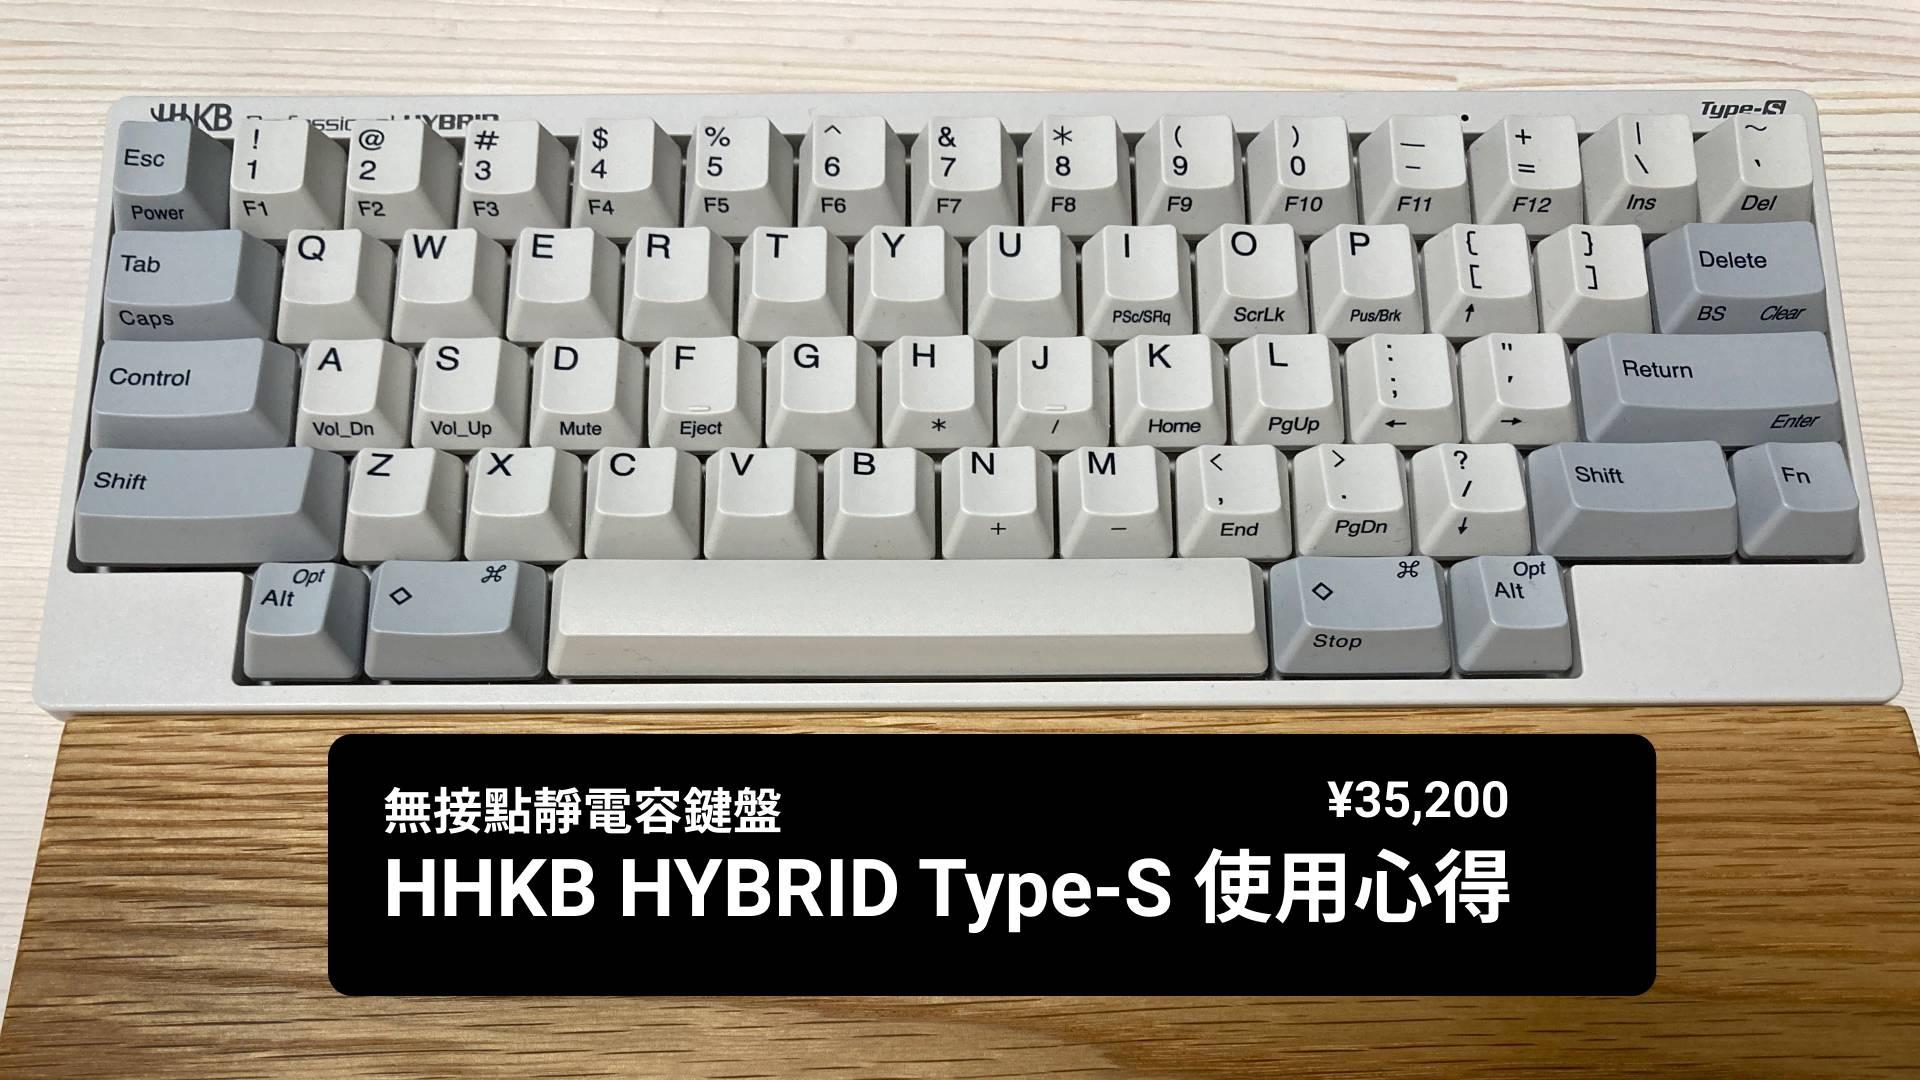 無接點靜電容鍵盤 HHKB HYBIRD Type-S 使用心得